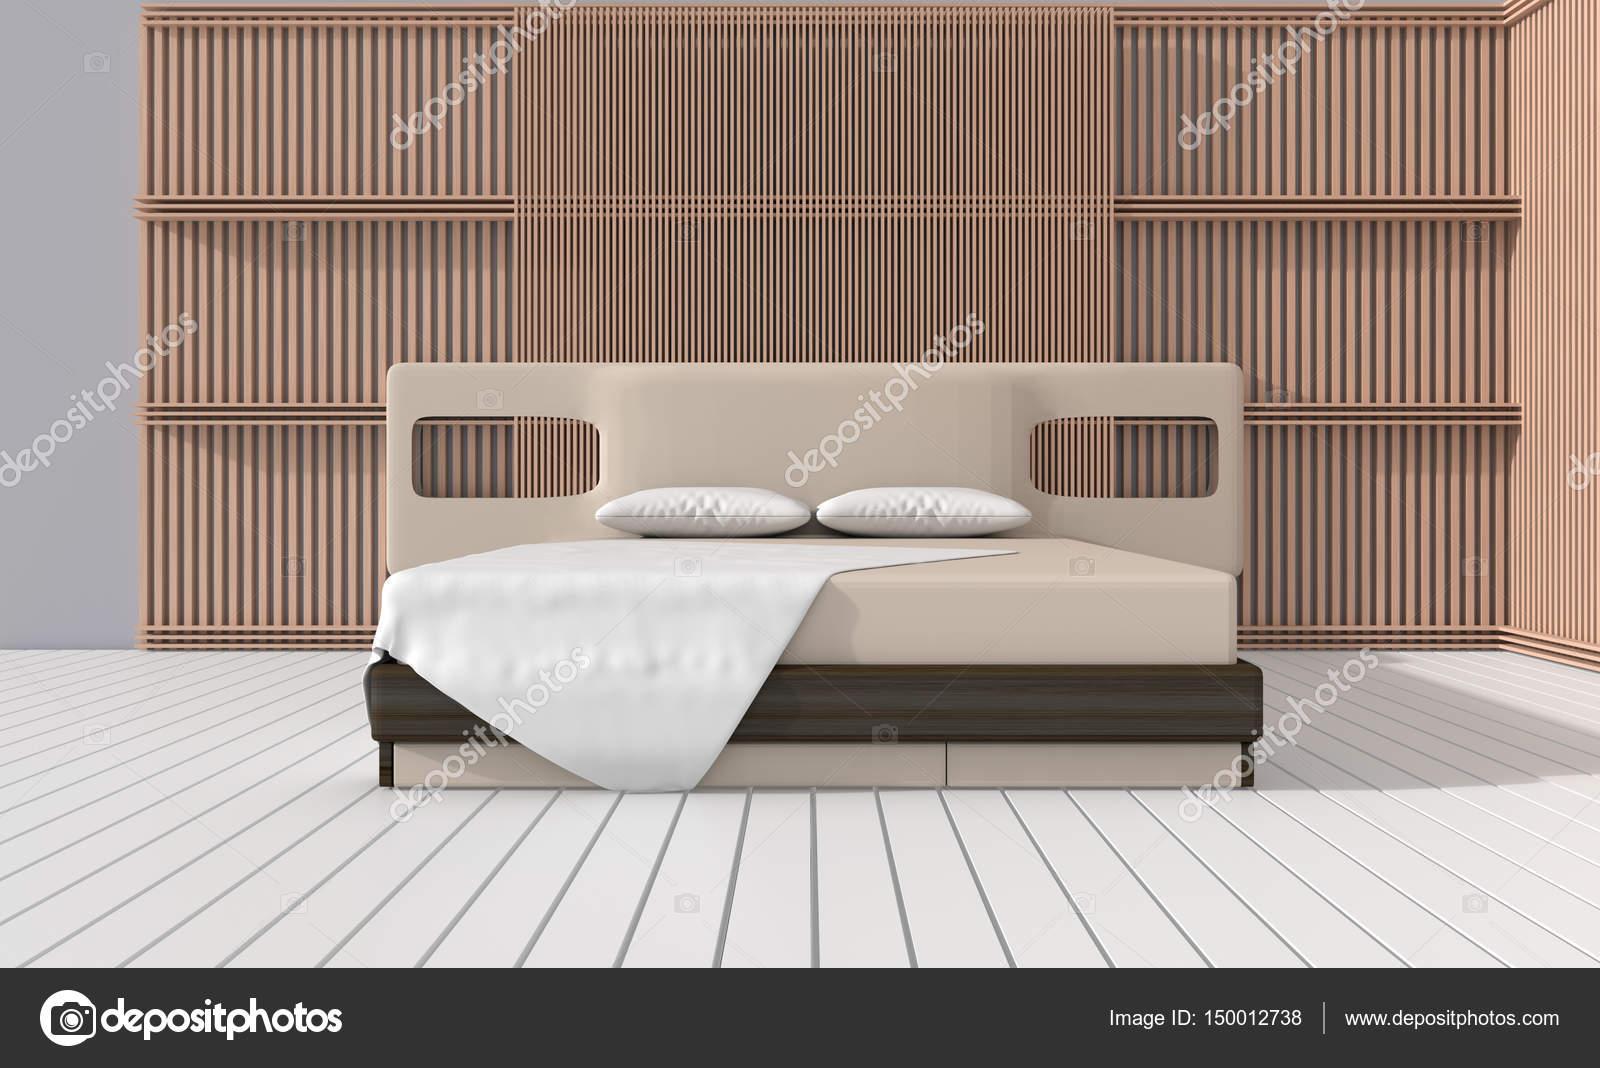 Slaapkamer in zachte lichte kleuren versier met slatrail witte